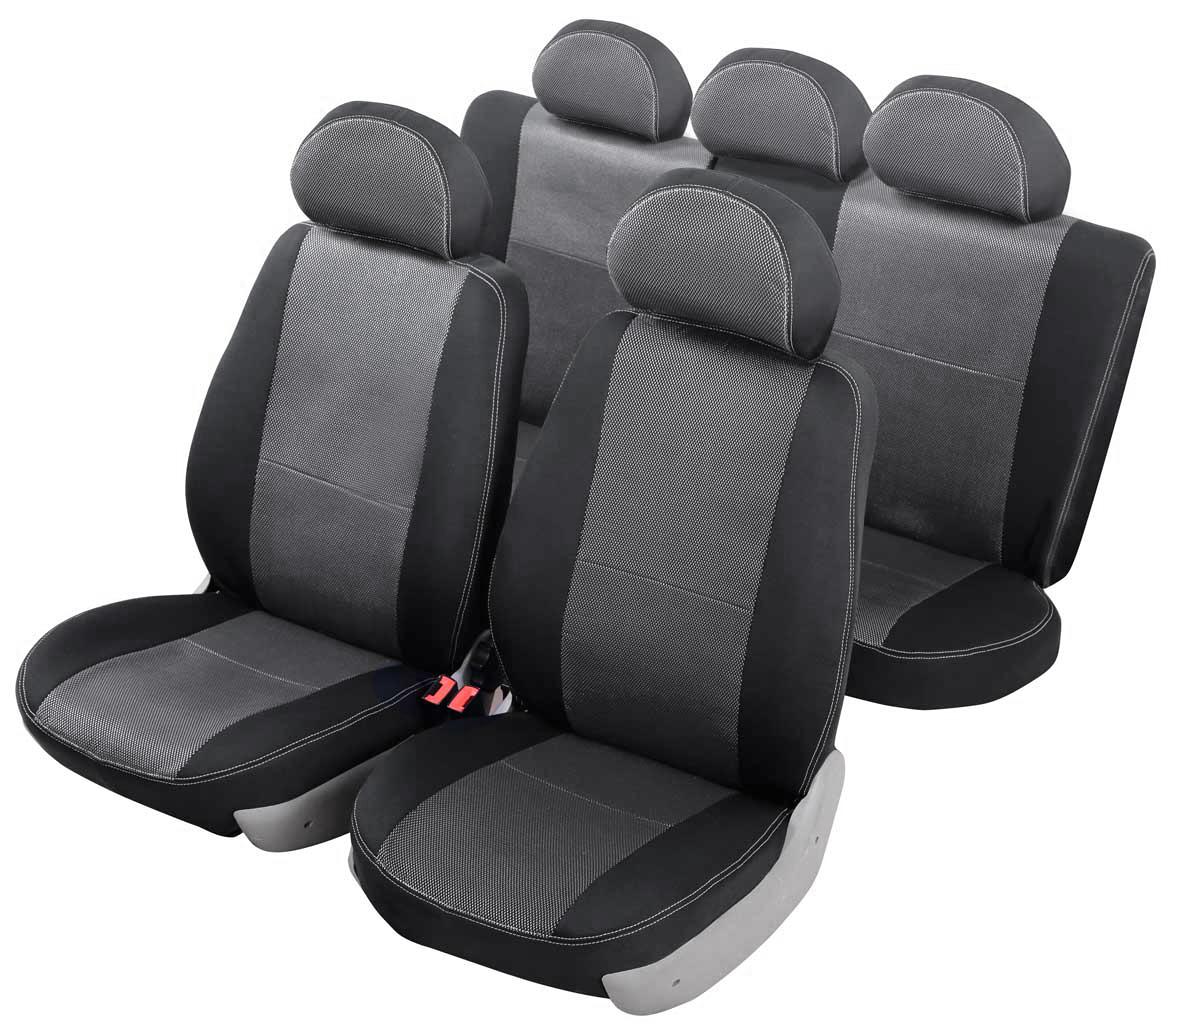 Чехлы автомобильные Senator Dakkar, для Toyota Corolla 2006-2012, седанS3010171Автомобильные чехлы Senator Dakkar изготовлены из качественного жаккарда, триплированного огнеупорным поролоном толщиной 5 мм, за счет чего чехол приобретает дополнительную мягкость. Подложка из спанбонда сохраняет свойства поролона и предотвращает его разрушение. Водительское сиденье имеет усиленные швы, все внутренние соединительные швы обработаны оверлоком. Чехлы идеально повторяют штатную форму сидений и выглядят как оригинальная обивка сидений. Разработаны индивидуально для каждой модели автомобиля. Дизайн чехлов Senator Dakkar приближен к оригинальной обивке салона. Жаккардовый материал расположен в центральной части сидений и спинок, а также на подголовниках. Декоративная контрастная прострочка по периметру авточехлов придает стильный и изысканный внешний вид интерьеру автомобиля. В спинках передних сидений расположены карманы, закрывающиеся на молнию. Чехлы сохраняют полную функциональность салона - трансформация сидений, возможность установки детских кресел ISOFIX, не препятствуют работе подушек безопасности AIRBAG и подогреву сидений. Для простоты установки используется липучка Velcro, учтены все технологические отверстия. Авточехлы Senator Dakkar просты в уходе - загрязнения легко удаляются влажной тканью. Чехлы имеют раздельную схему надевания. Чехлы задних сидений закрывают всю поверхность, включая тыльную сторону спинки (со стороны багажника).